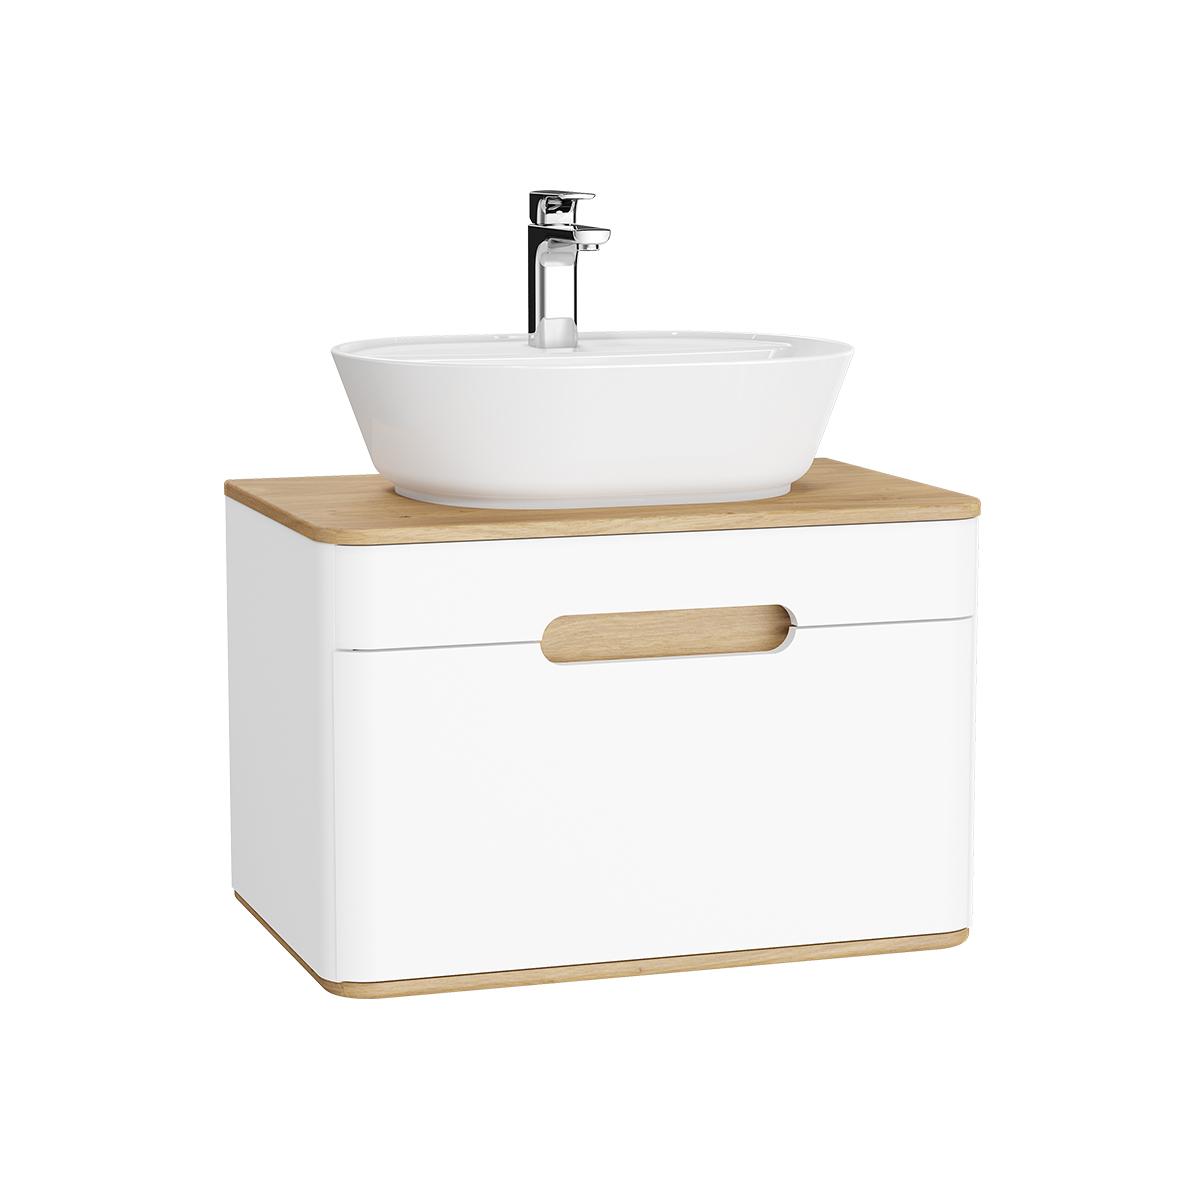 Sento Waschtischunterschrank, 70 cm, für Aufsatzwaschtische, mit 1 Vollauszug, Weiß Matt